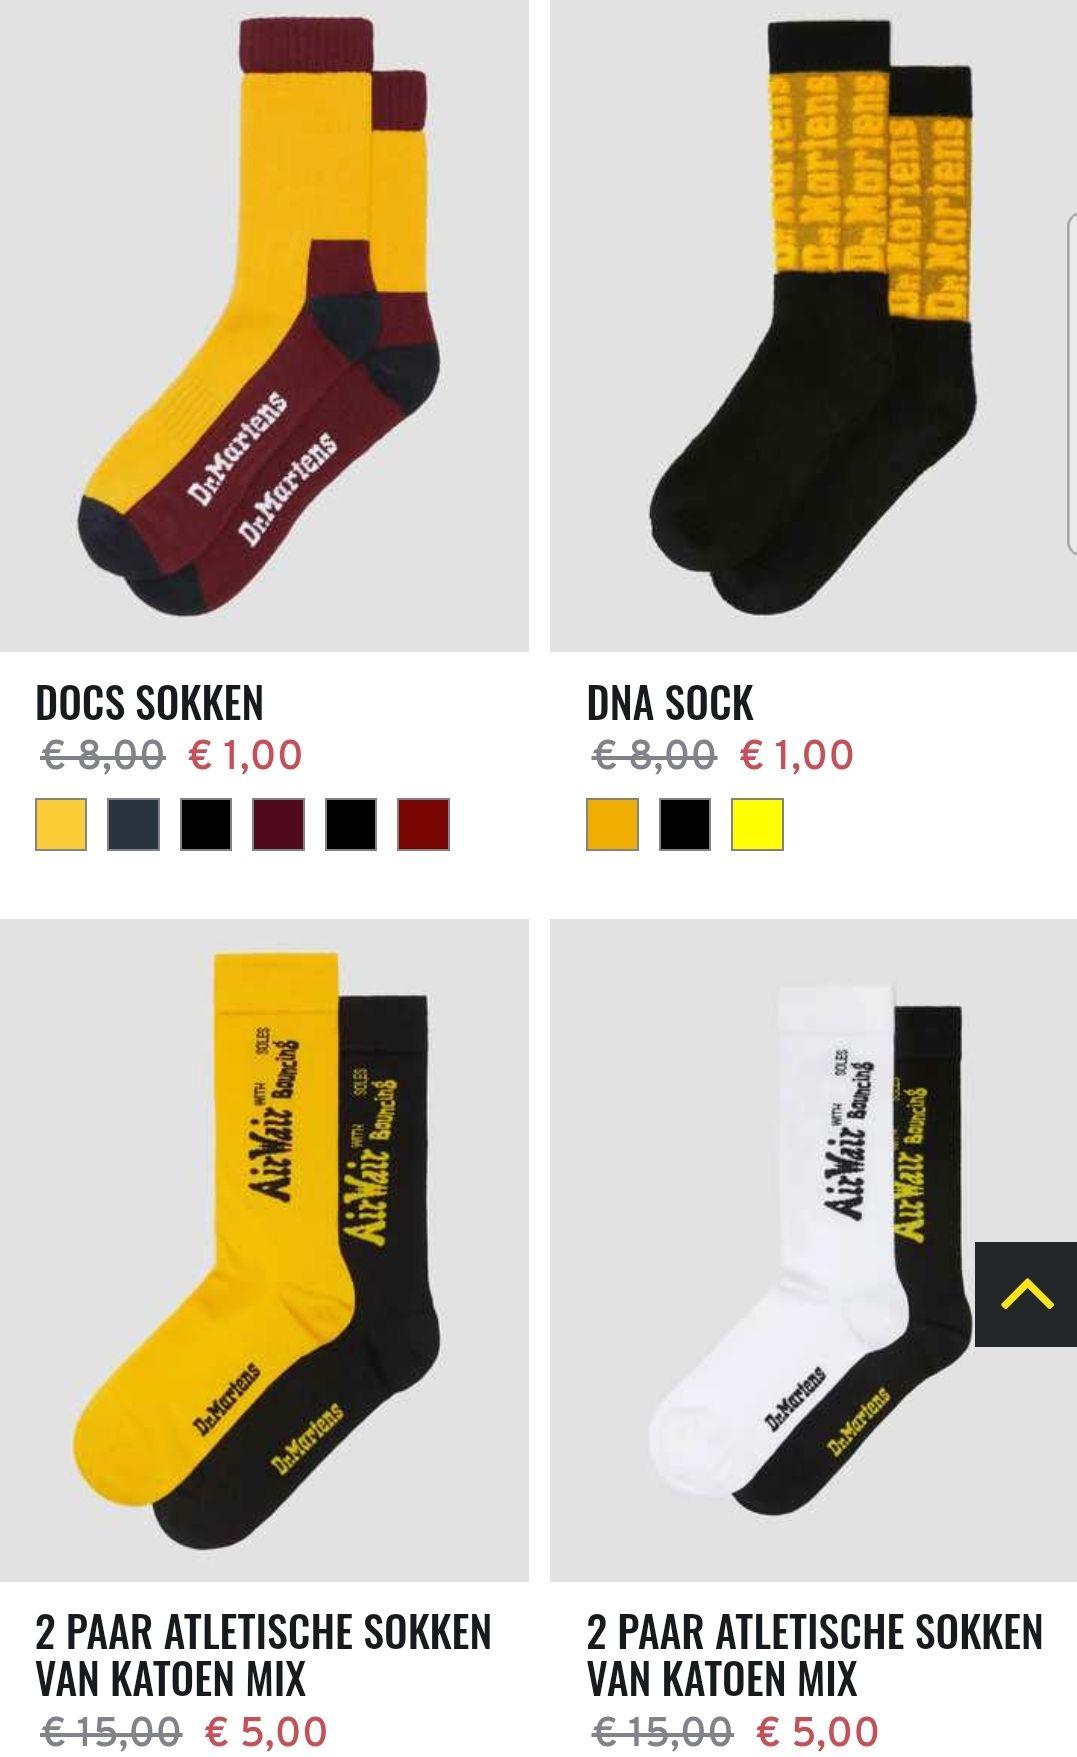 Dr. Martens sokken vanaf 1 euro